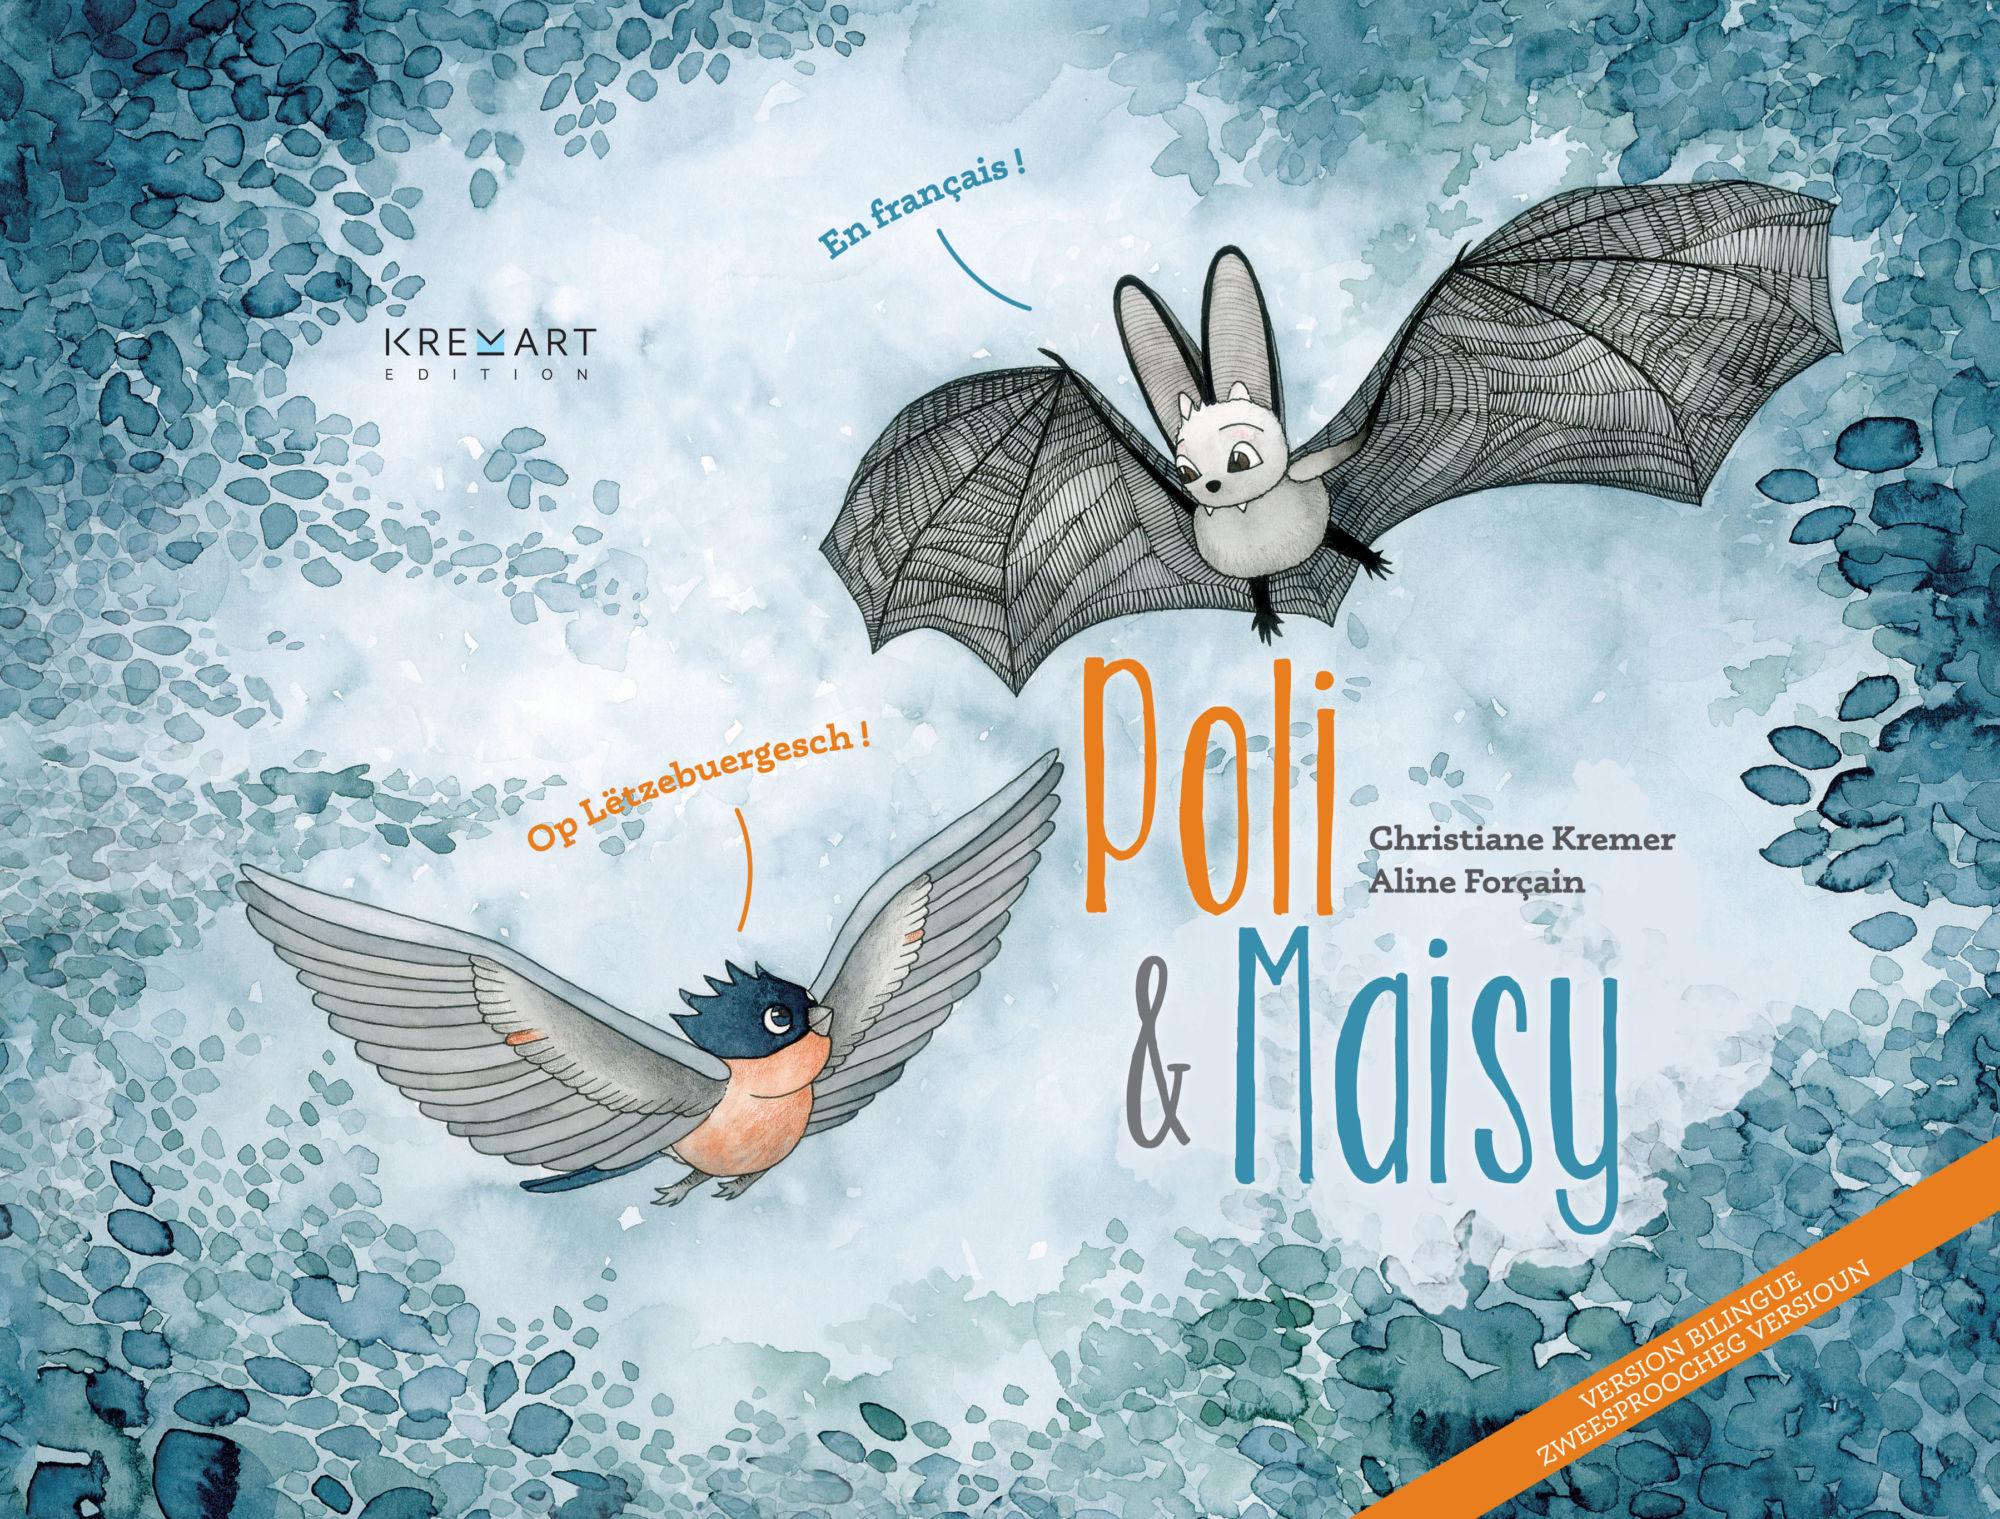 Poli-a-Maisy-2016-cover-imp.indd